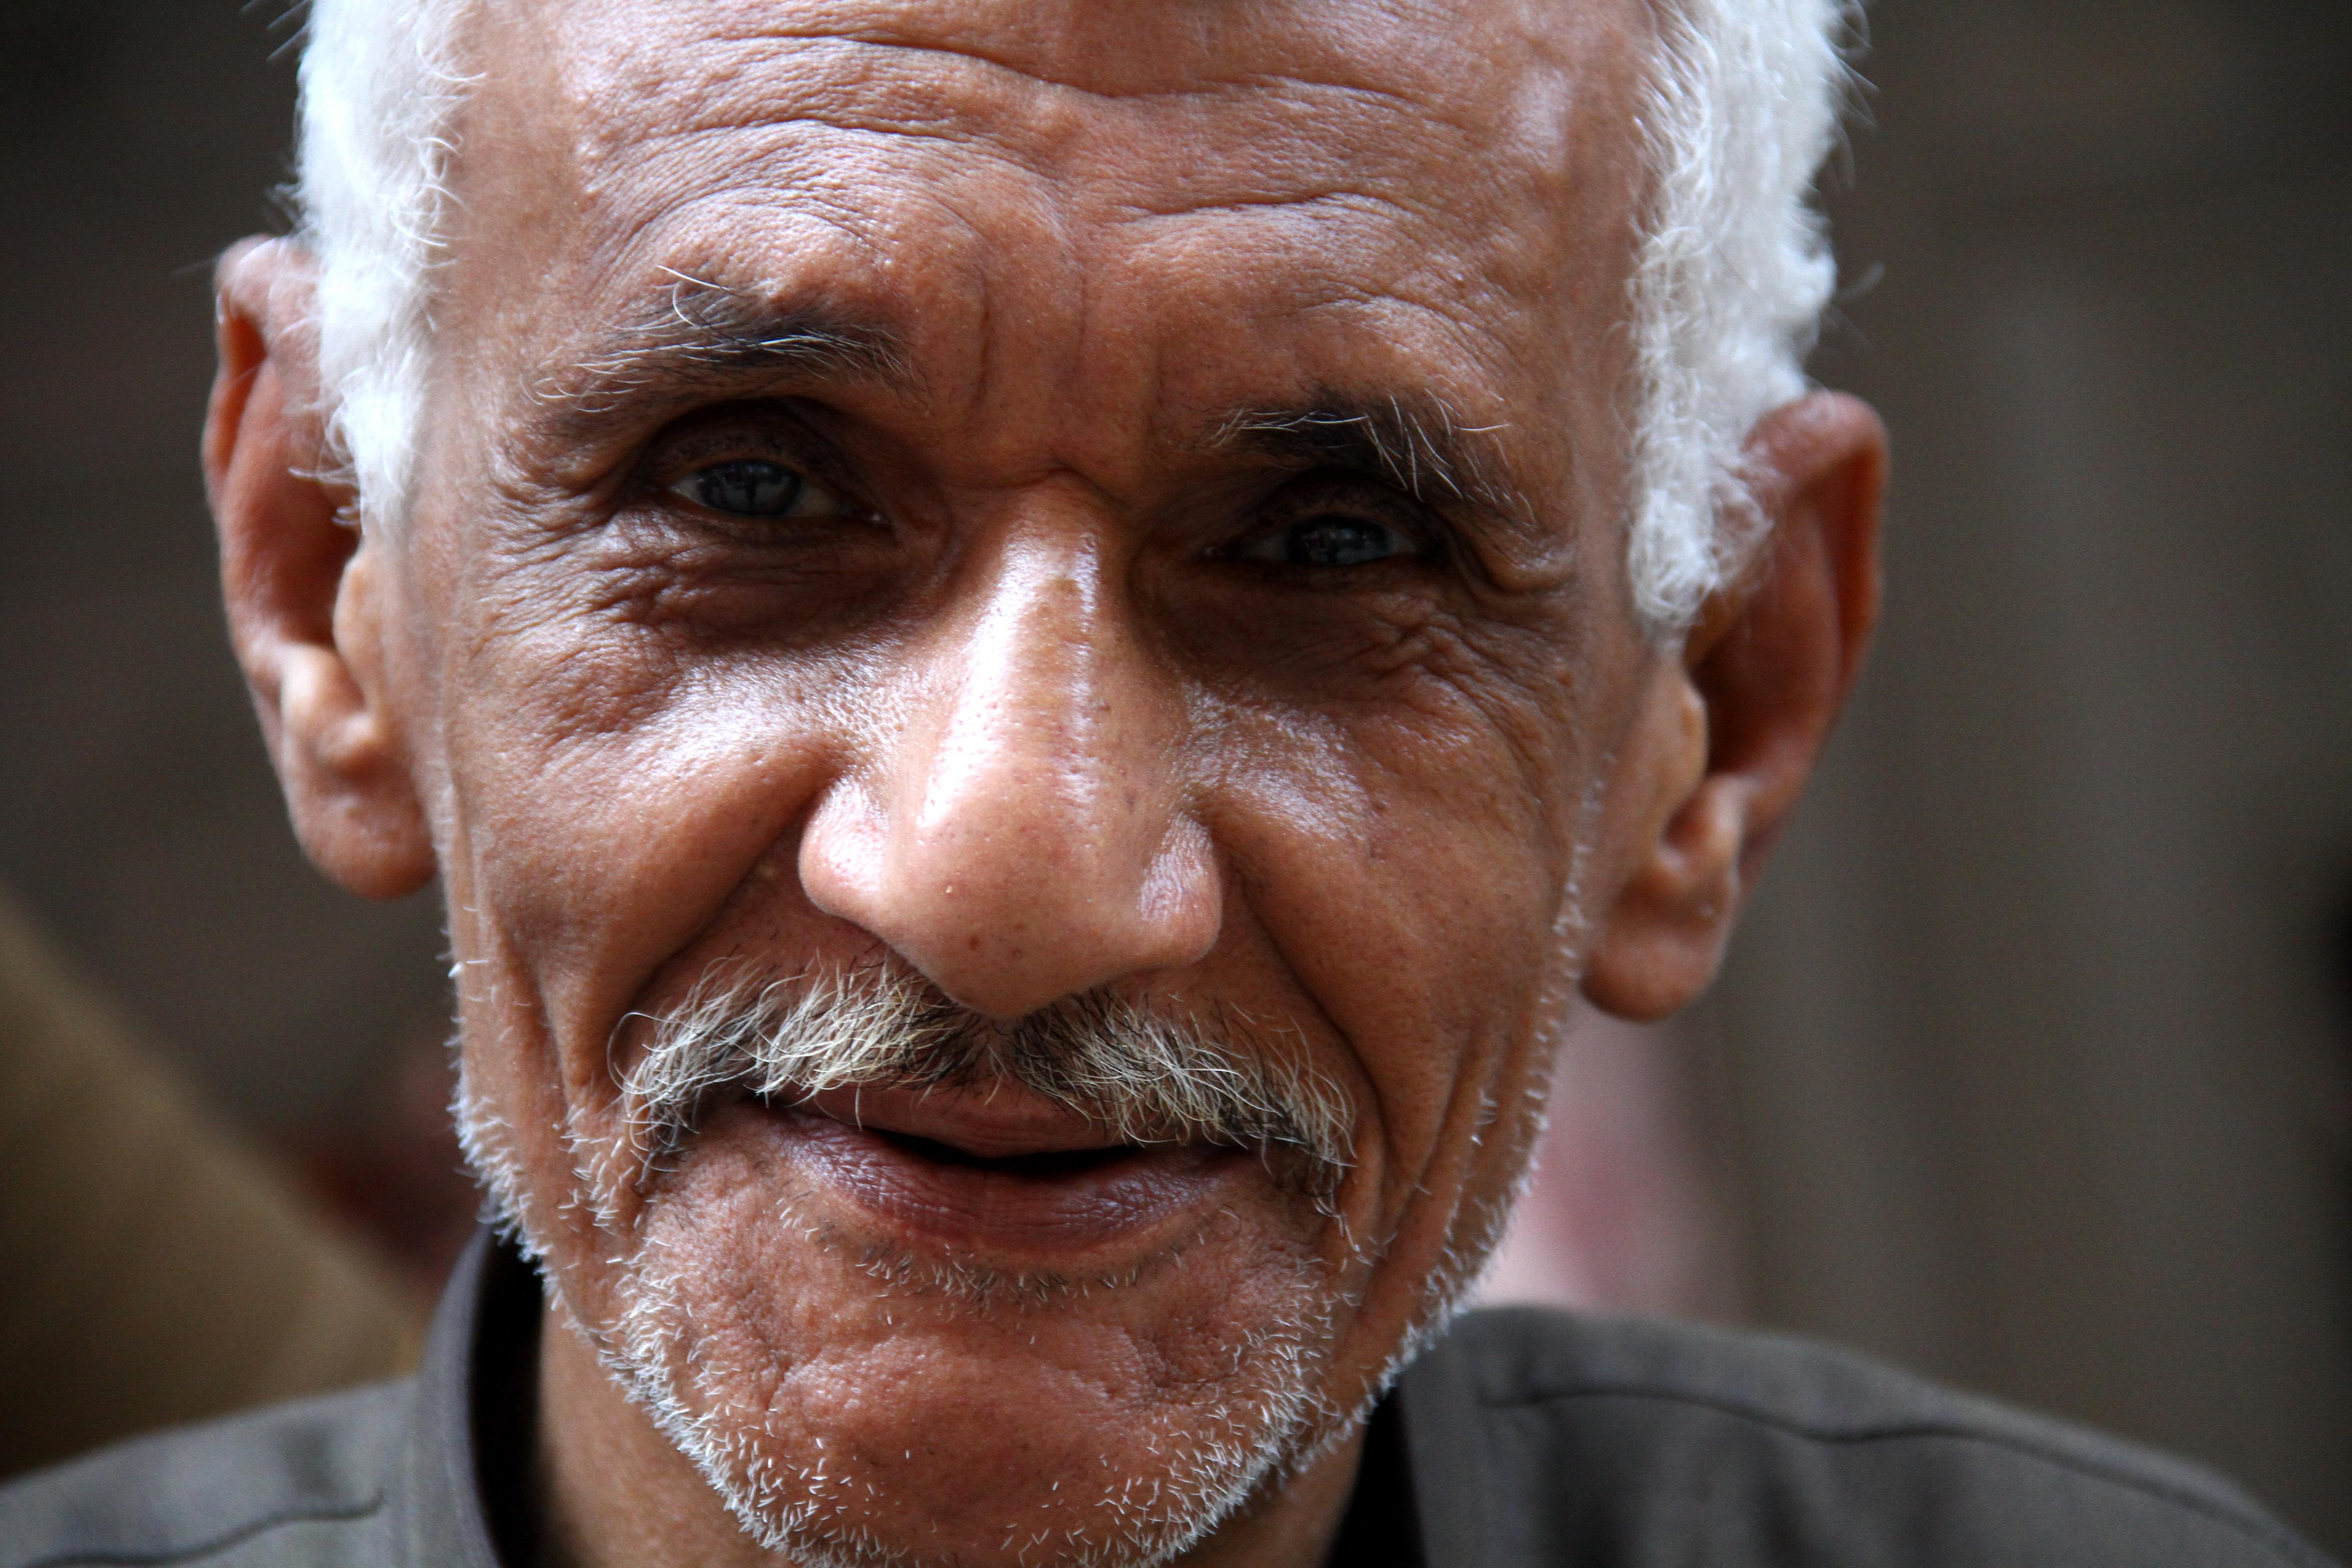 مراكز رعاية المسنين في المغرب: قبول أم رفض؟